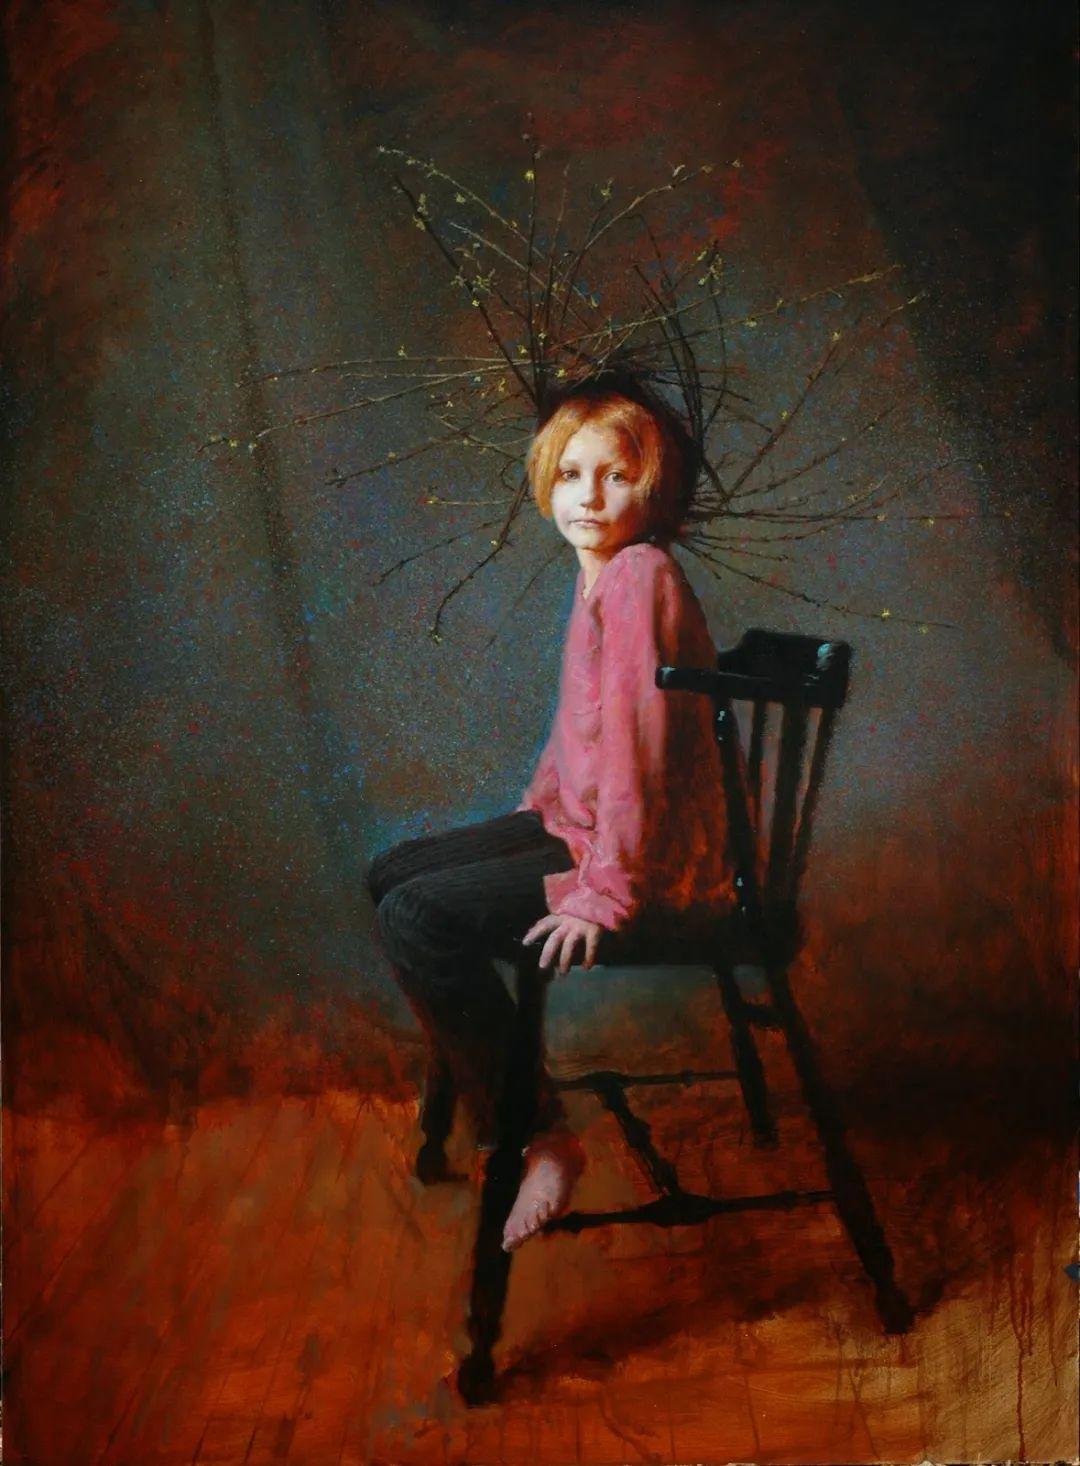 有趣而独特的人物肖像画,美国画家塞思·哈维坎普插图8